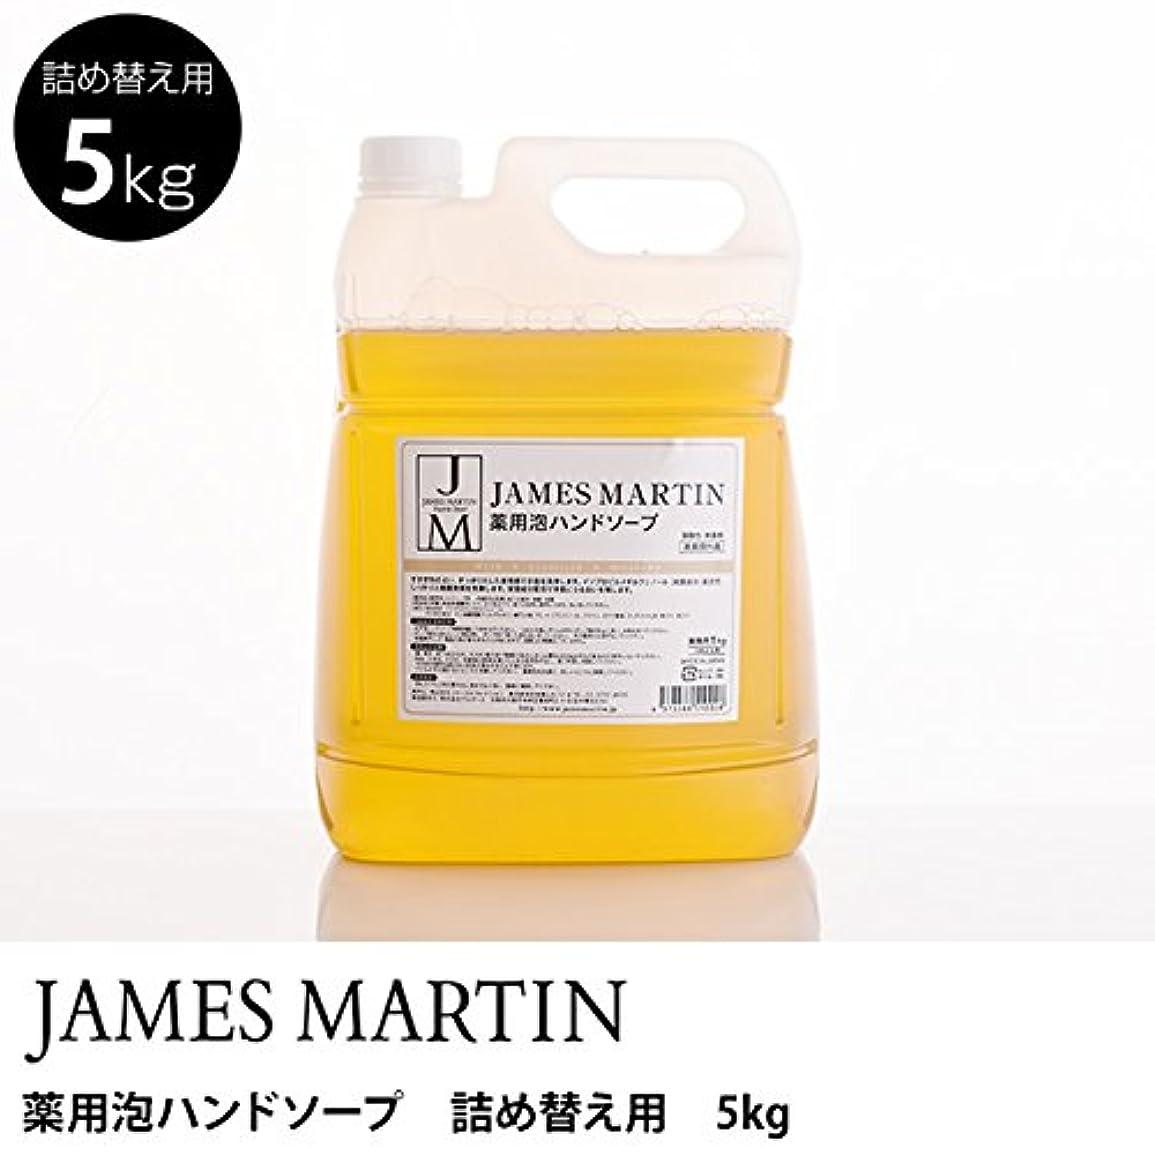 資本主義腰滝ジェームズマーティン 薬用泡ハンドソープ(無香料) 詰替用 5kg